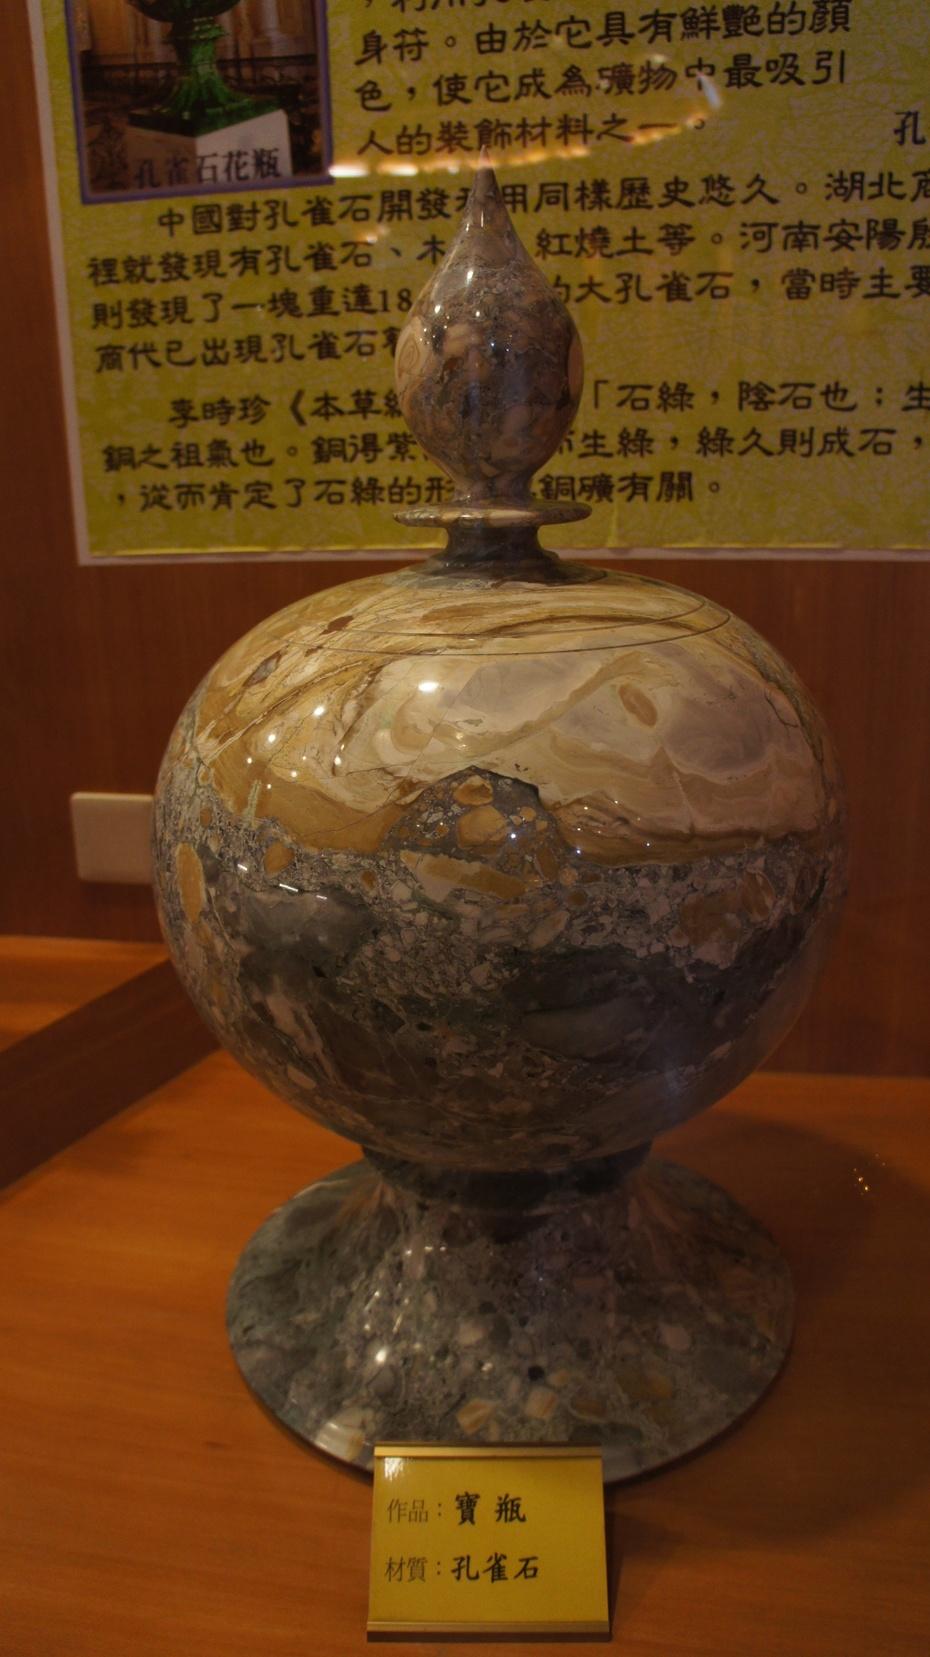 中国单体最大文化建筑:云天文化城 - 余昌国 - 我的博客